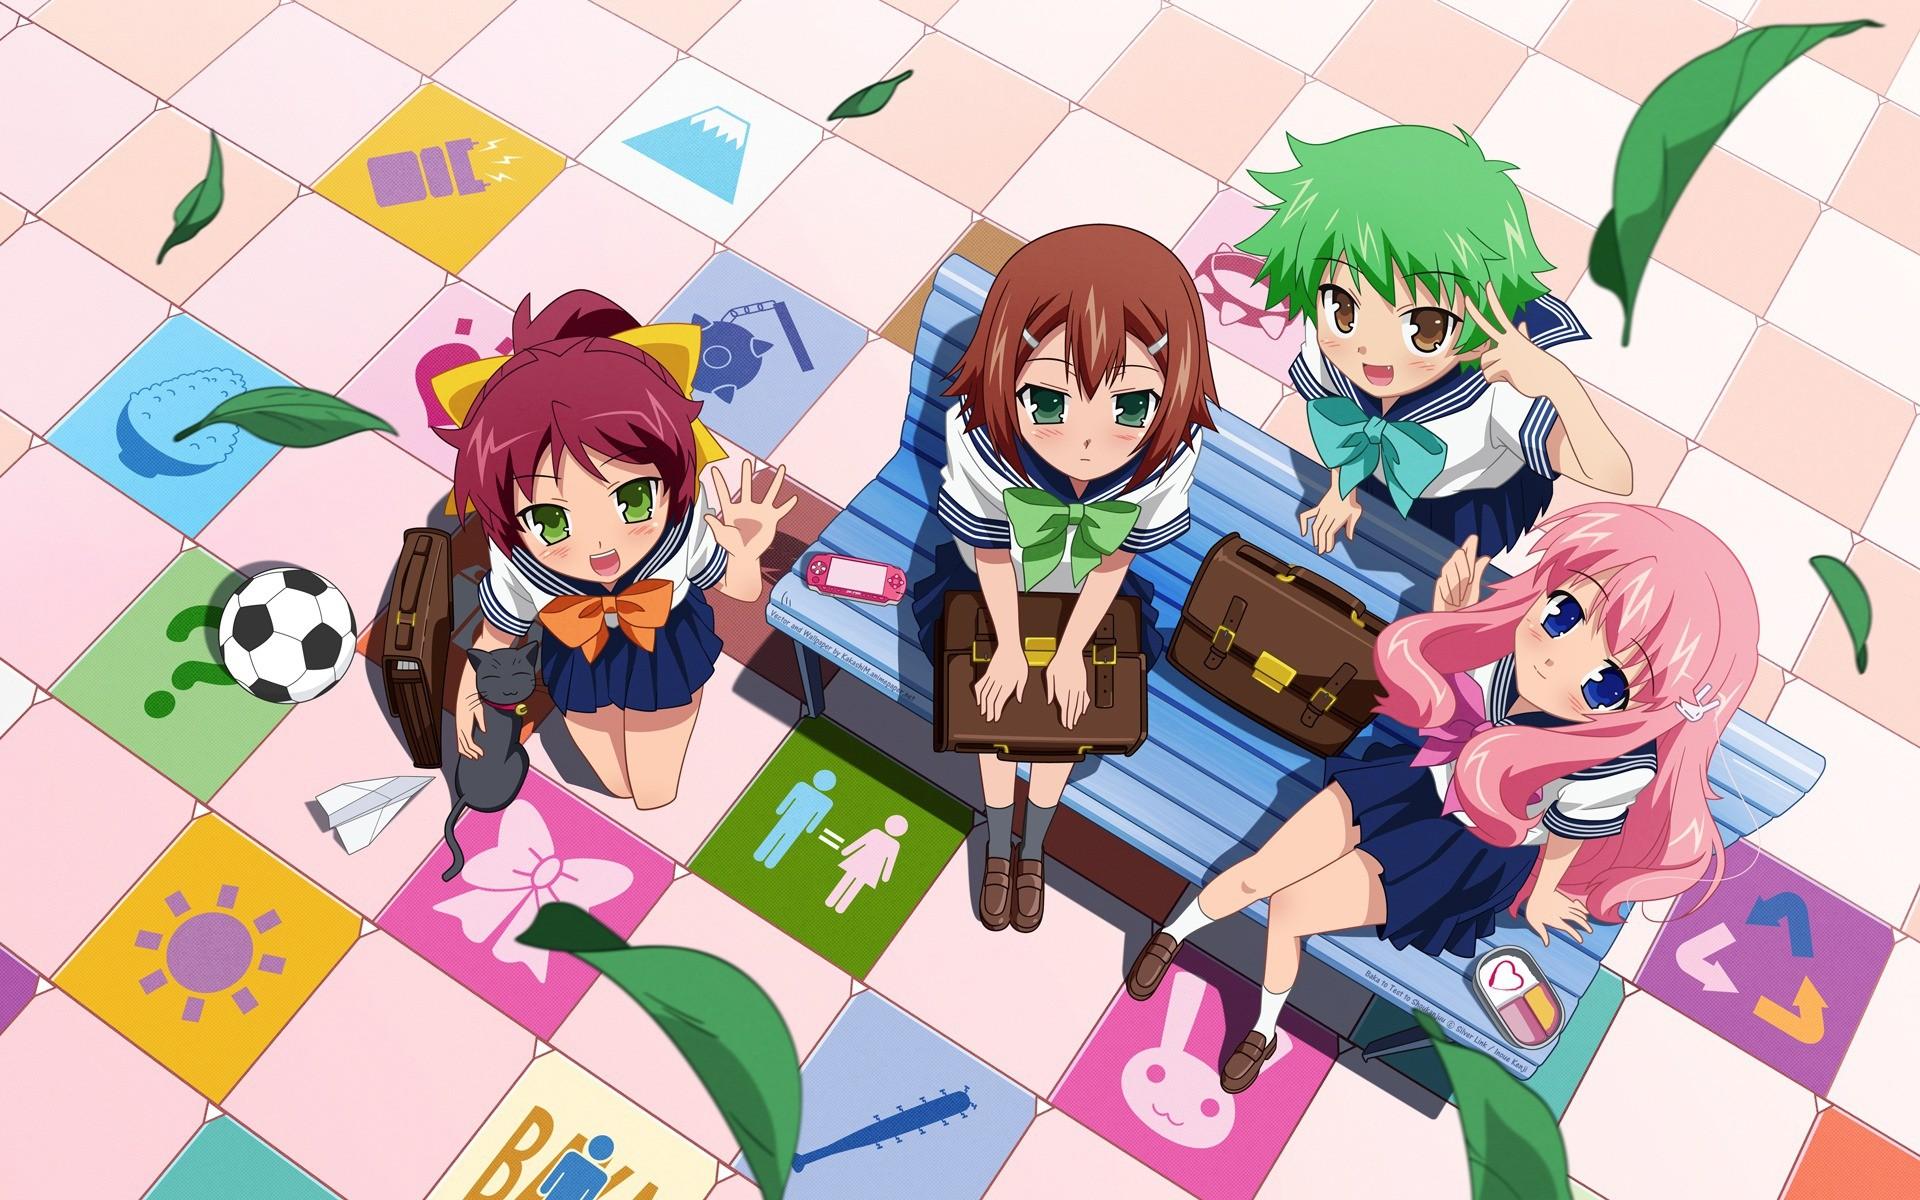 Anime 1920x1200 Baka to Test to Shoukanjuu  anime anime girls anime boys Hideyoshi Kinoshita group of women looking up soccer ball bench sitting green eyes blue eyes green hair pink hair